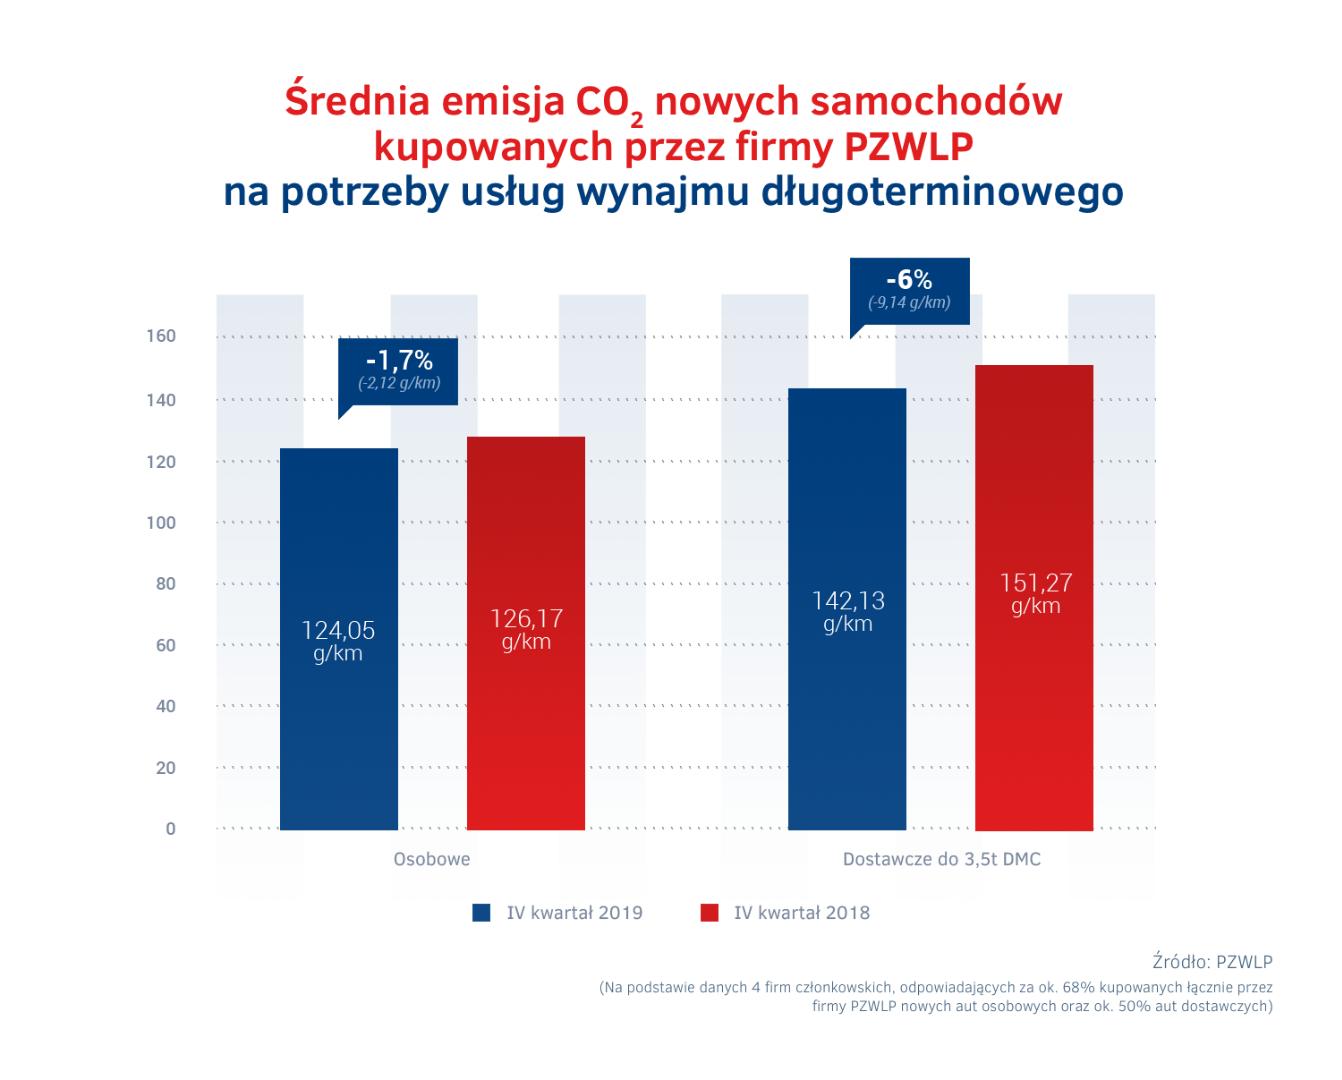 Średnia emisja CO2 nowych samochodów kupowanych przez firmy PZWLP na potrzeby usług wynajmu długoterminowego